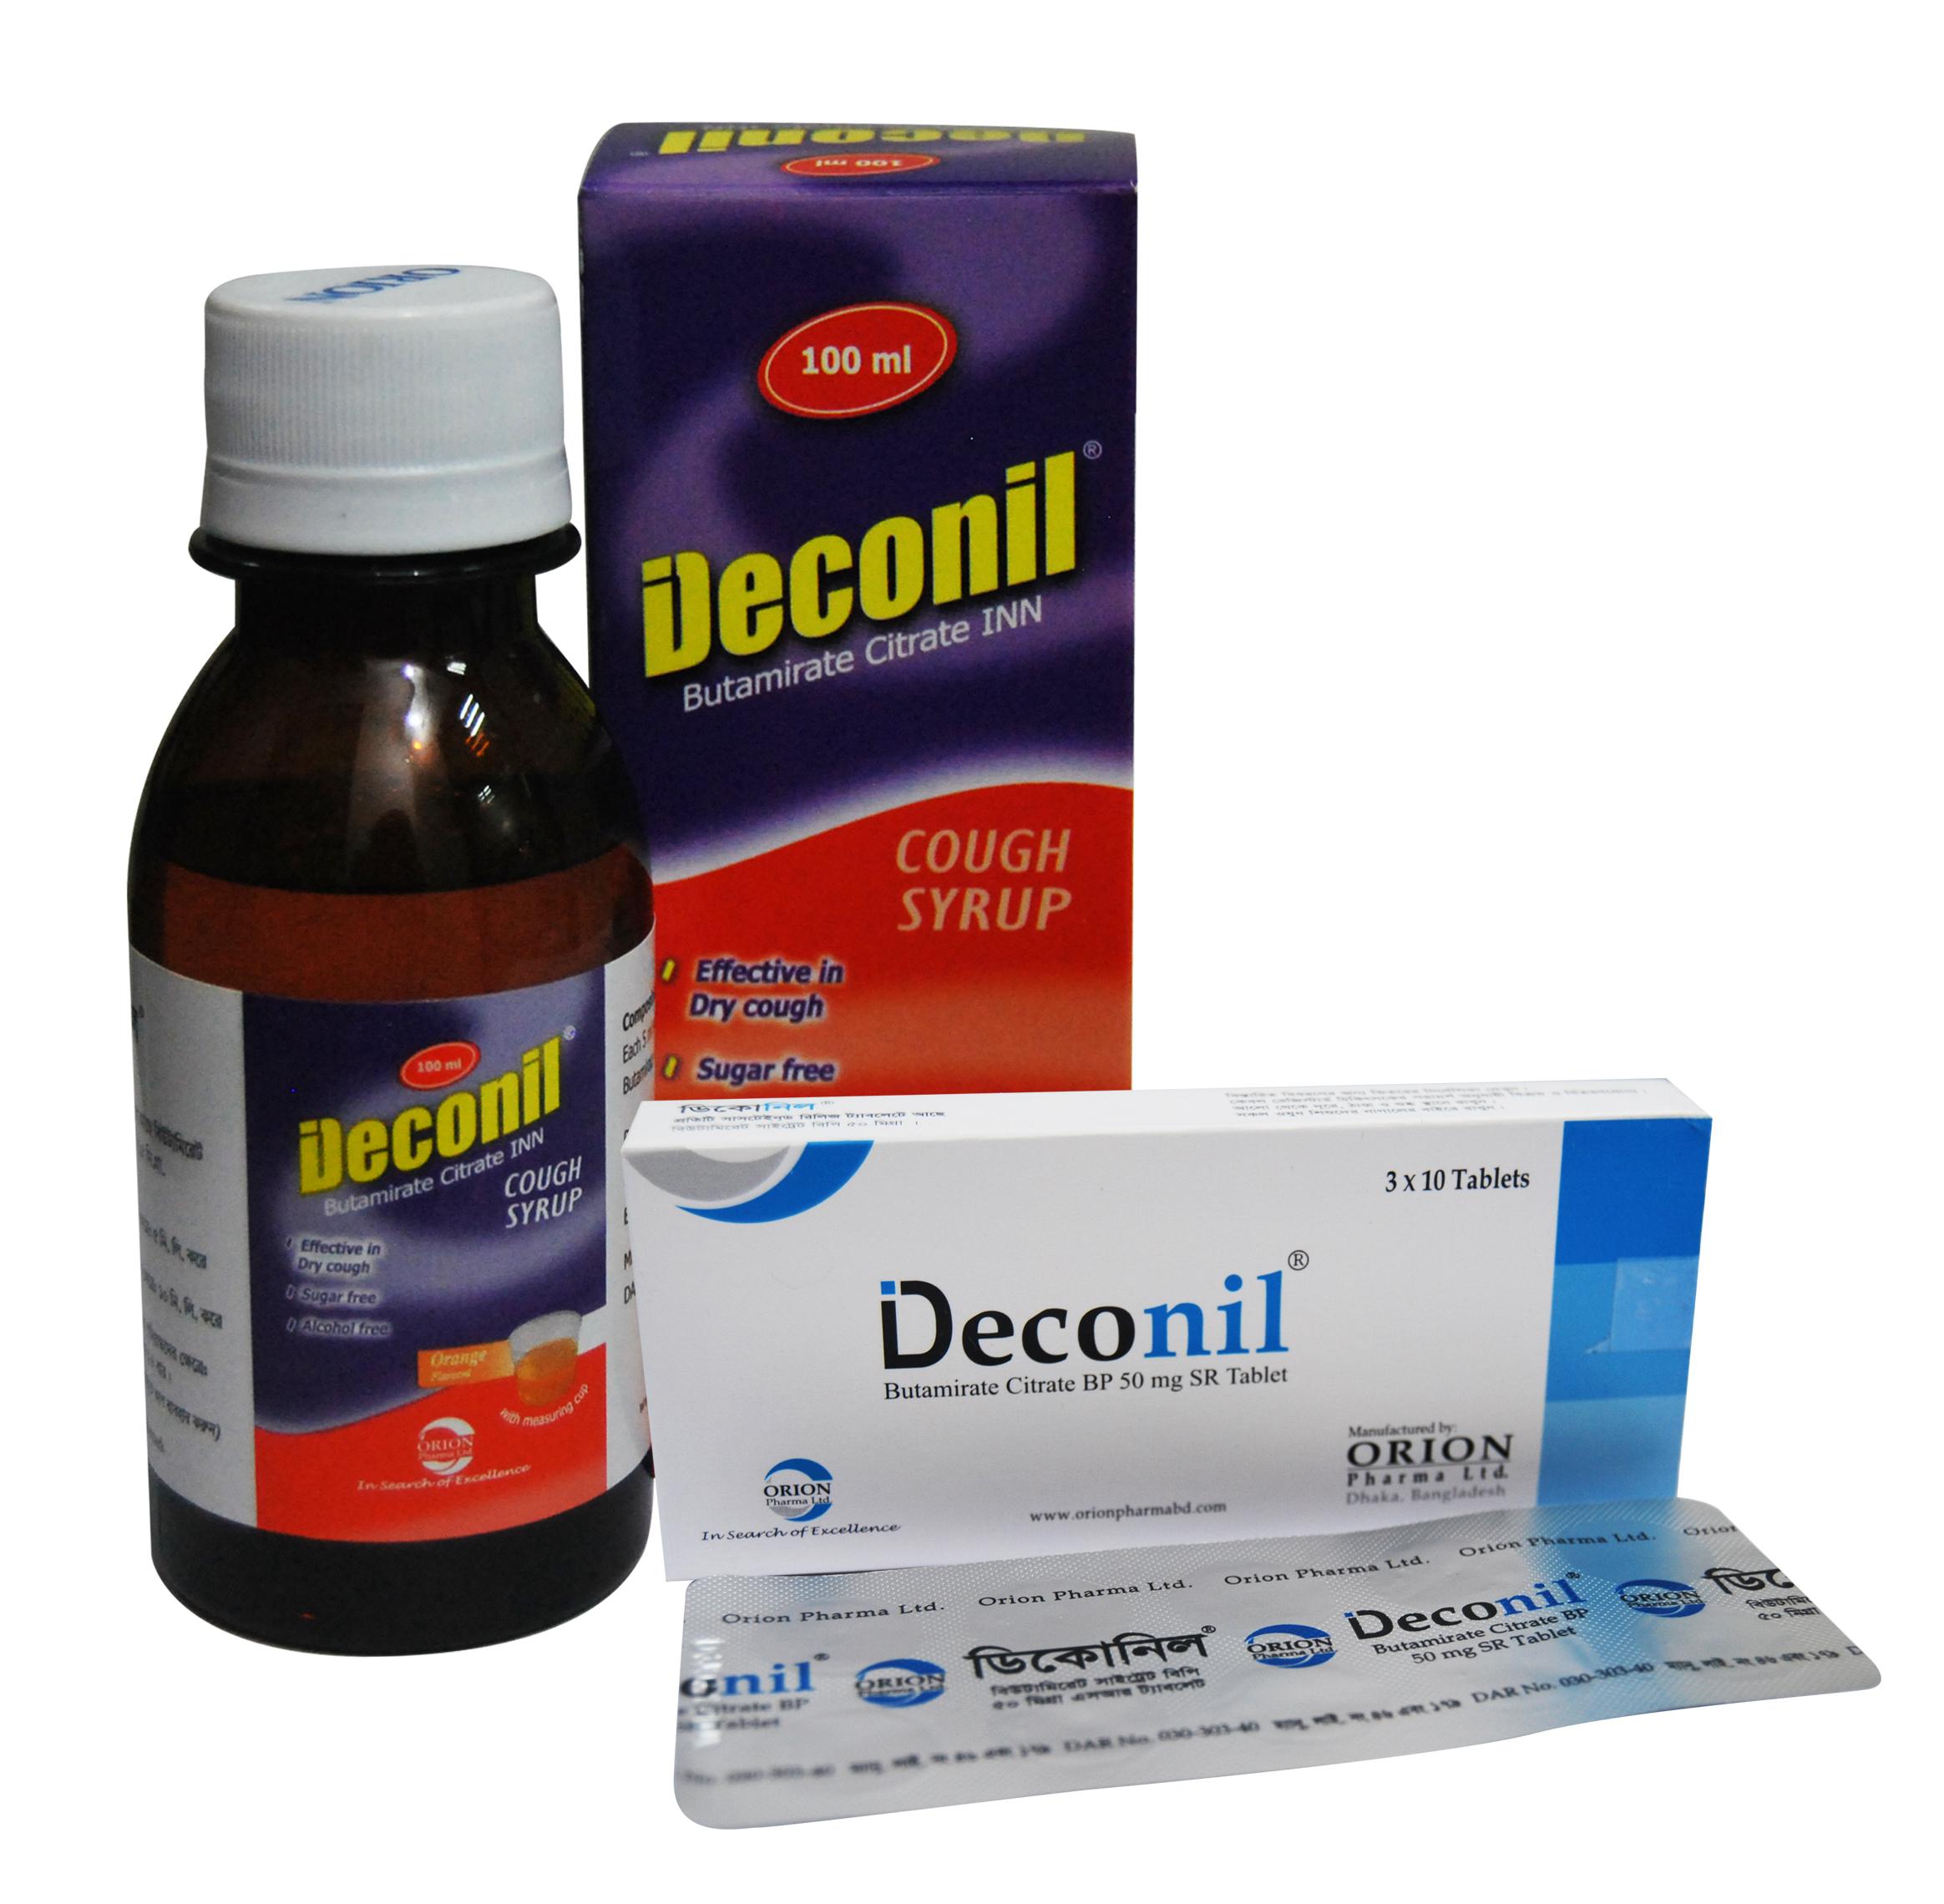 Deconil